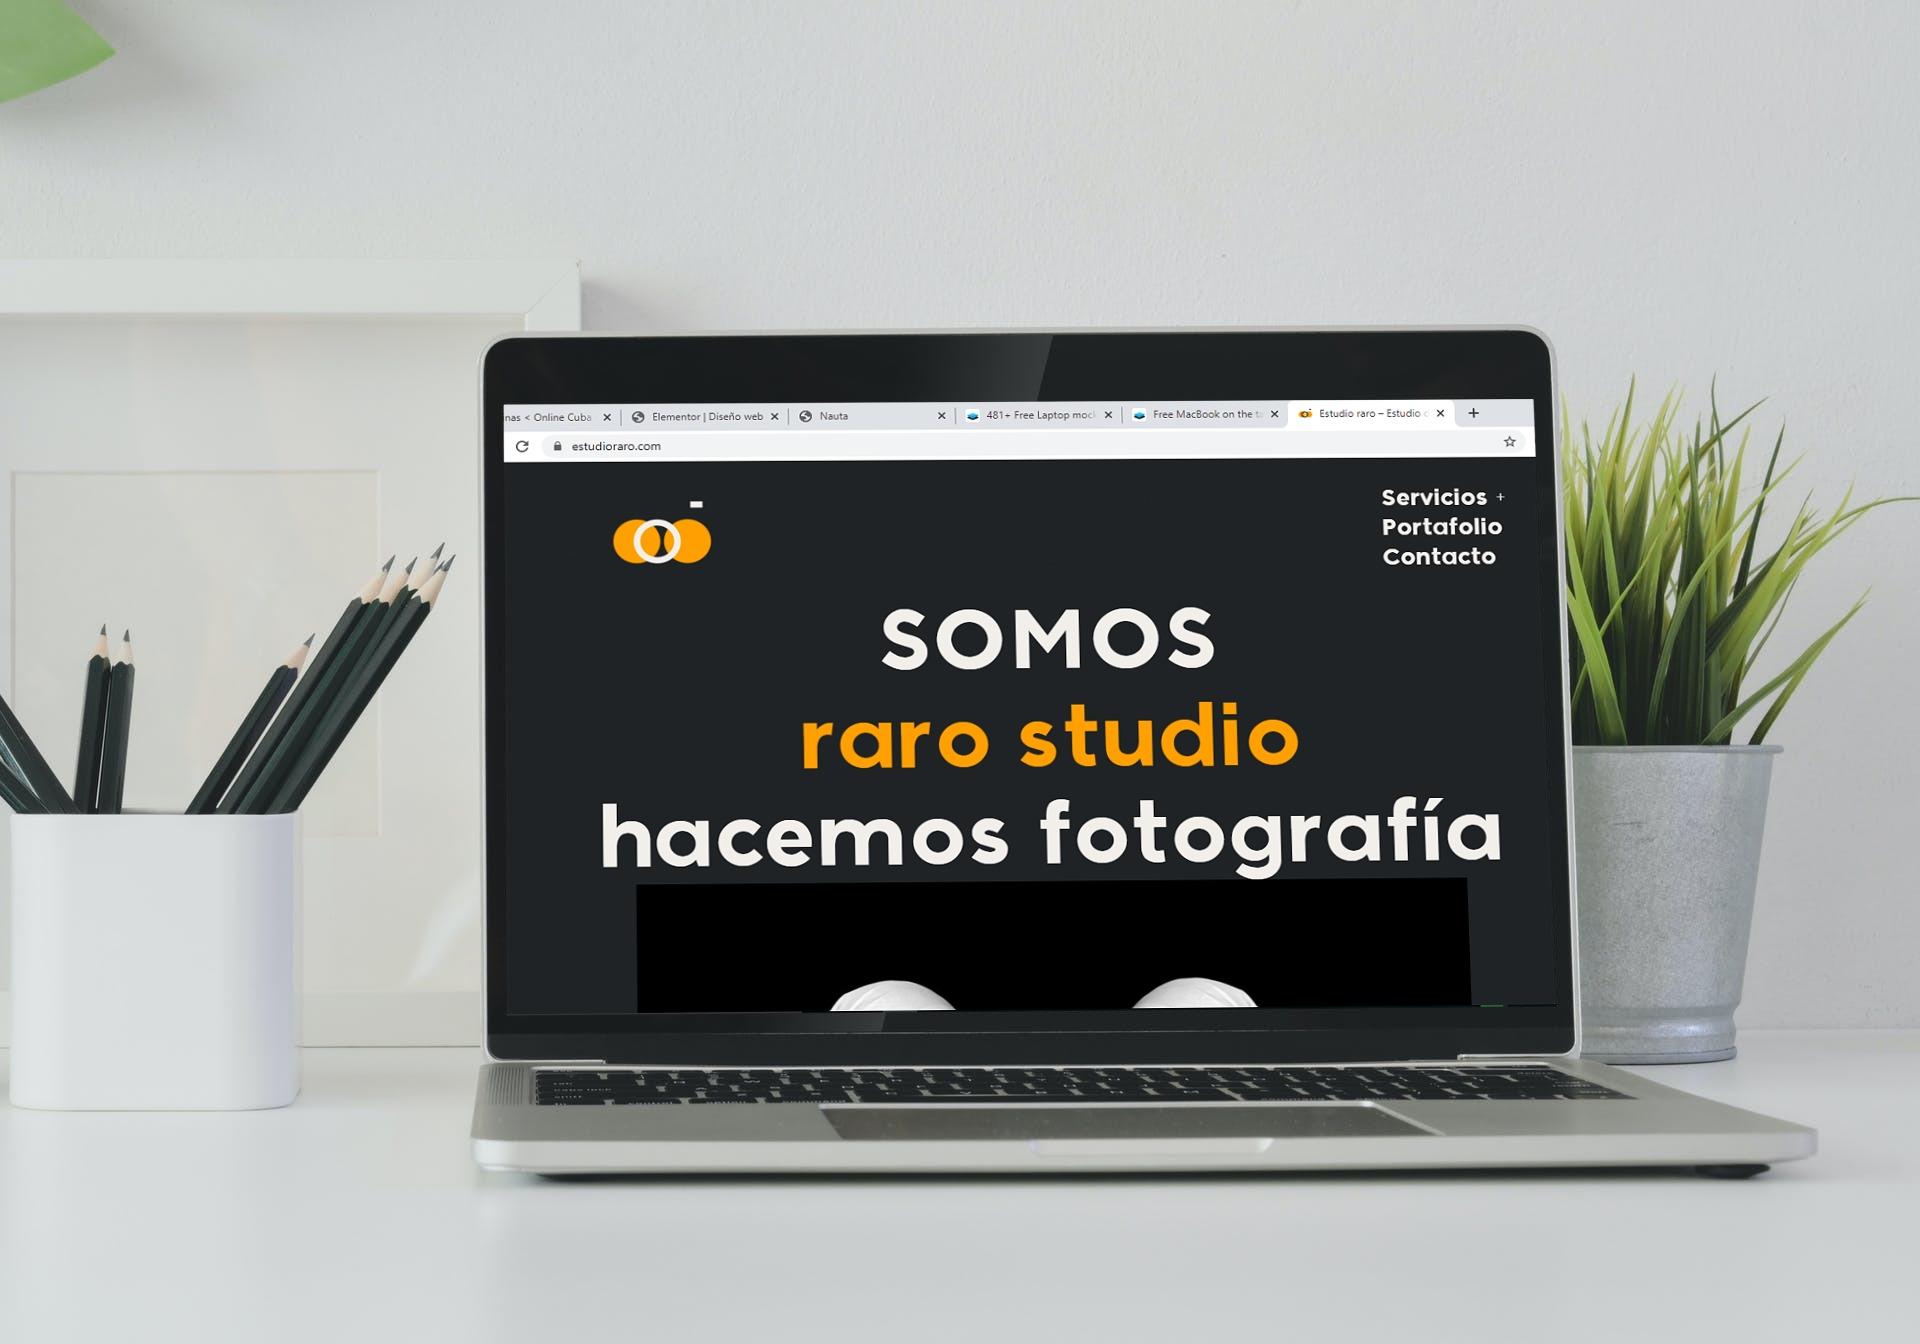 Laptop mostrando la página inicial de Estudio raro